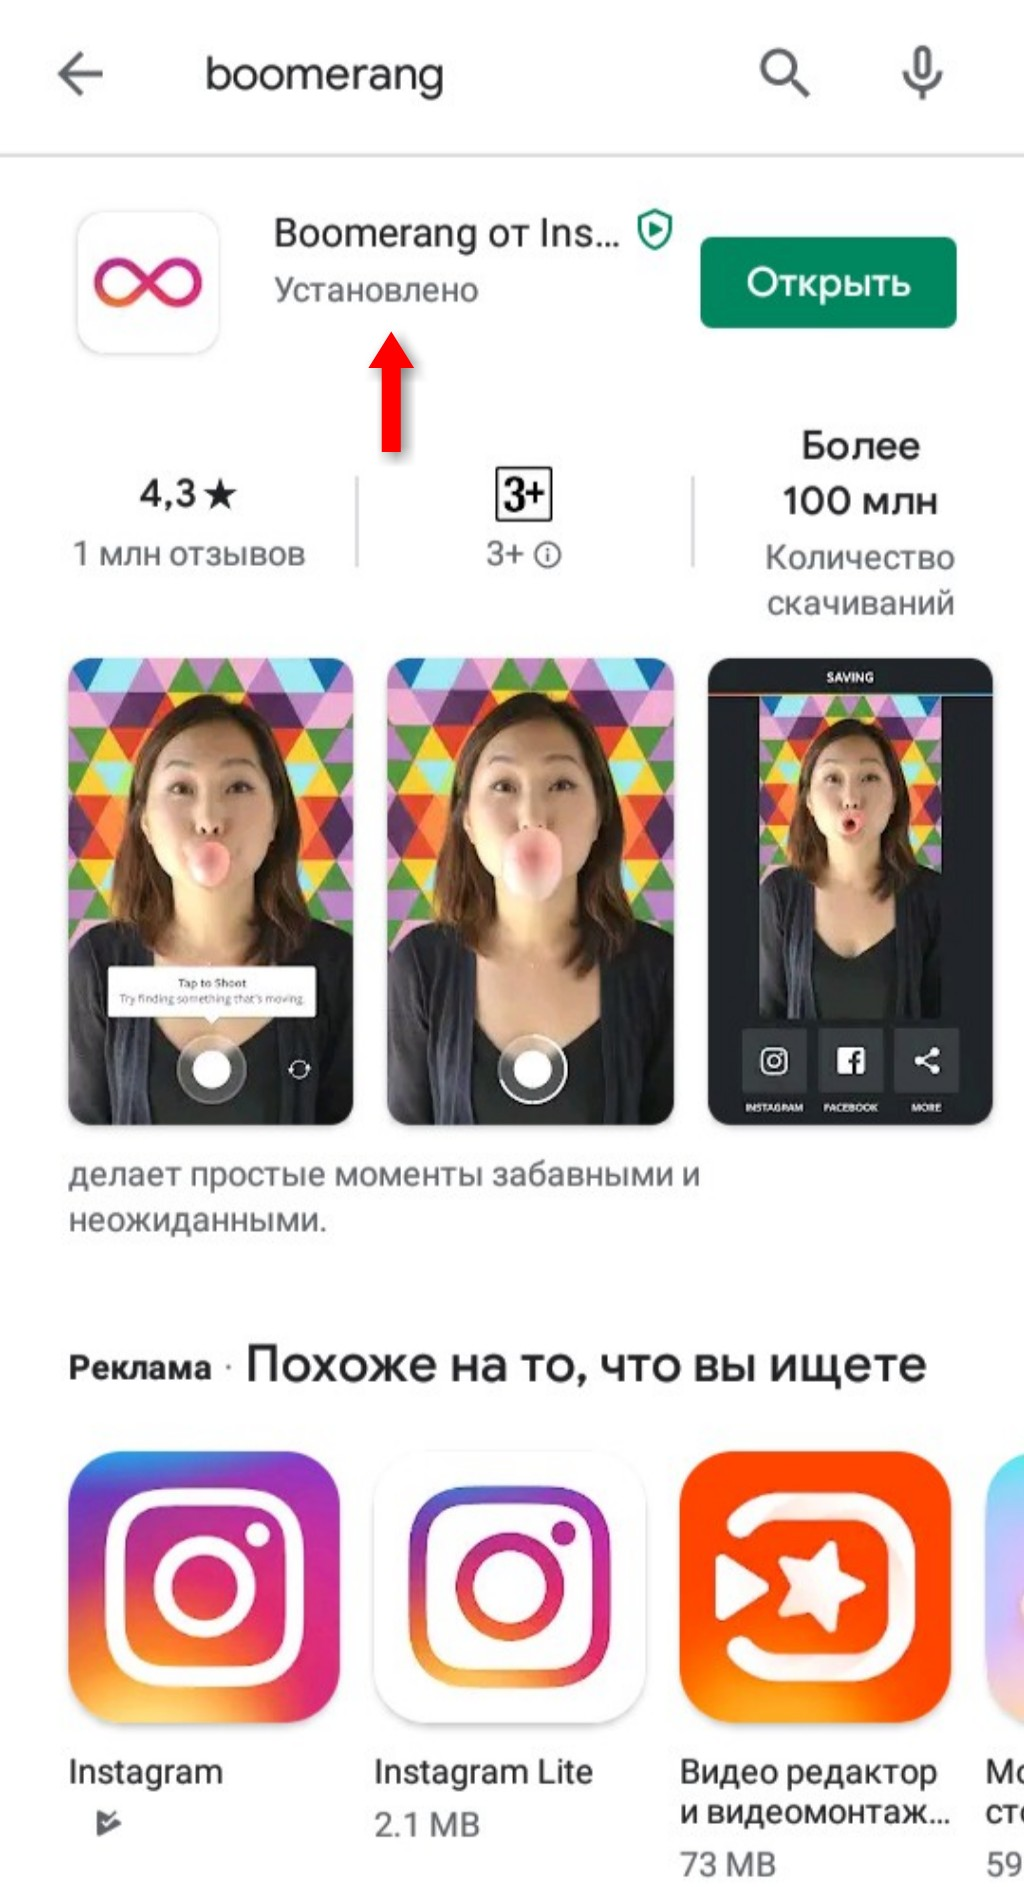 InFrame_1627563856702.jpg